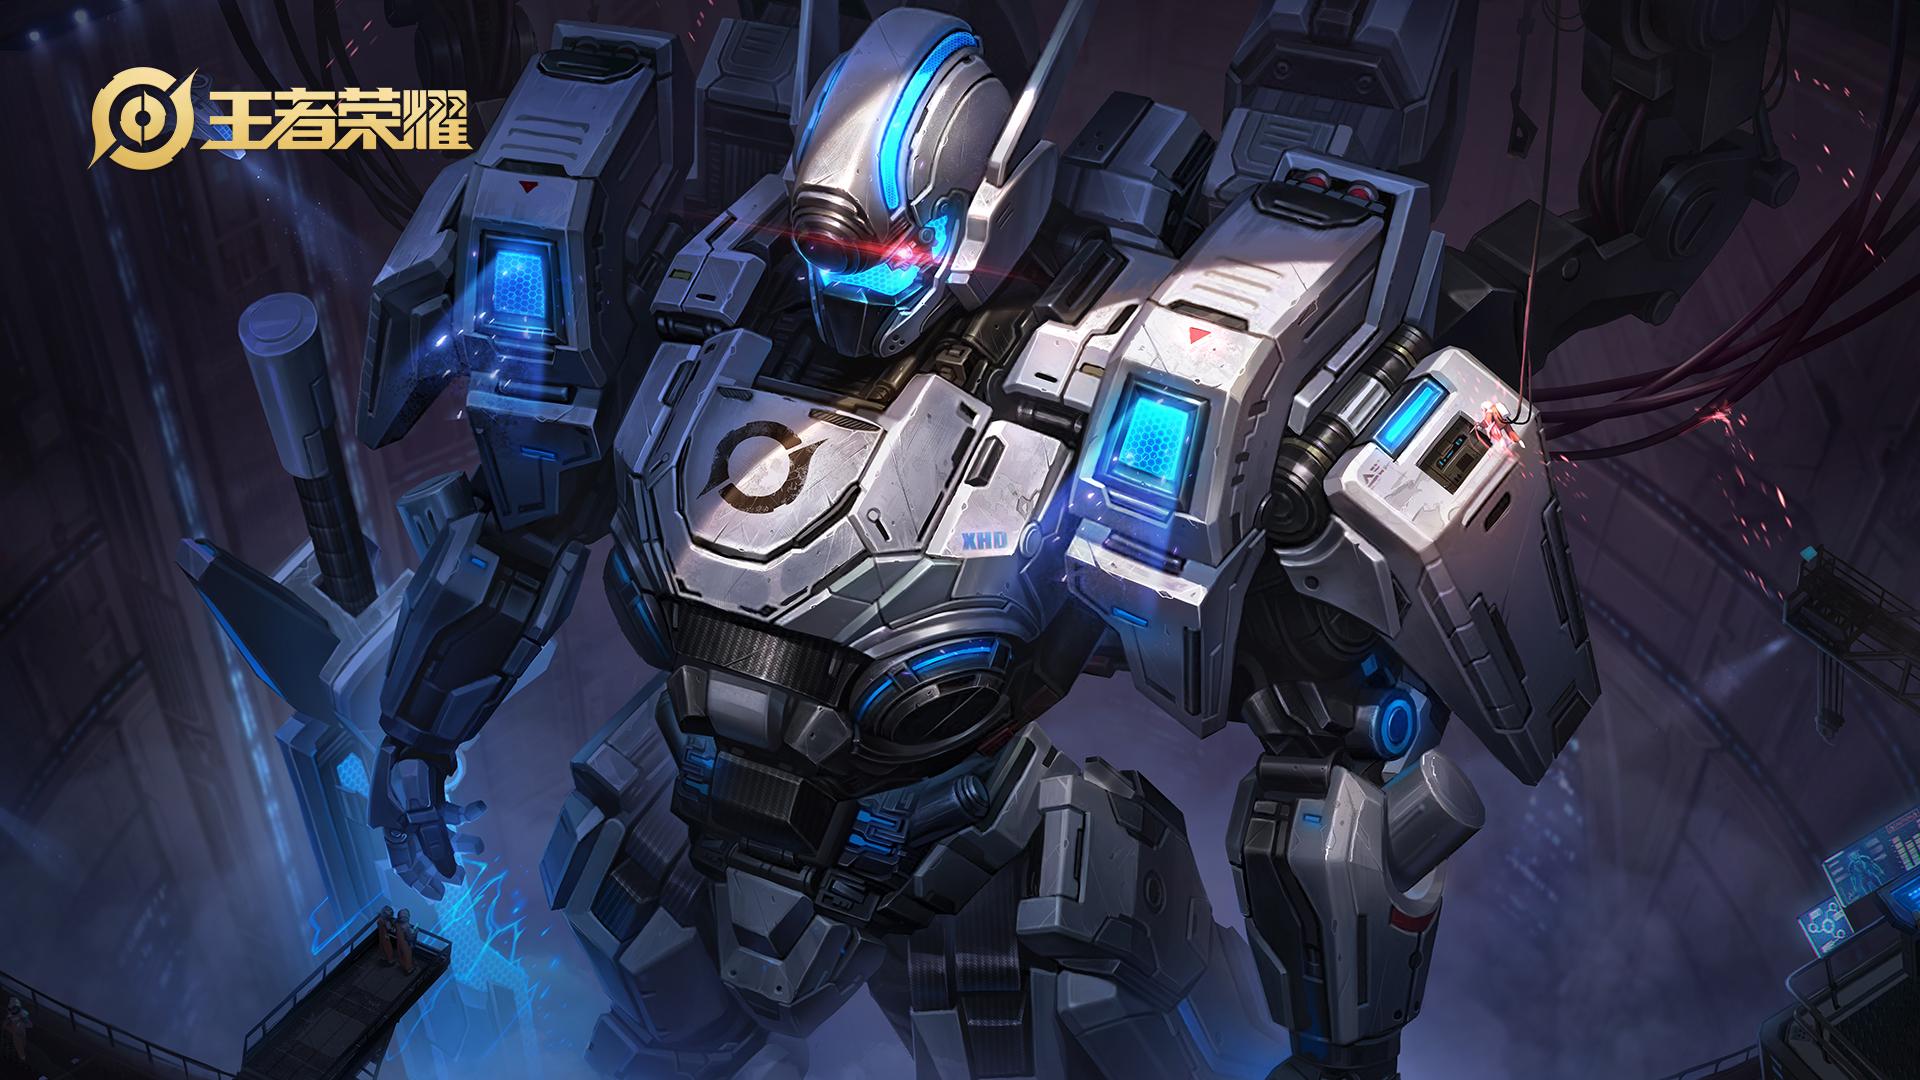 王者:S21上分最快的四位英雄出现,趁官方还没有削弱,赶紧上分插图(4)